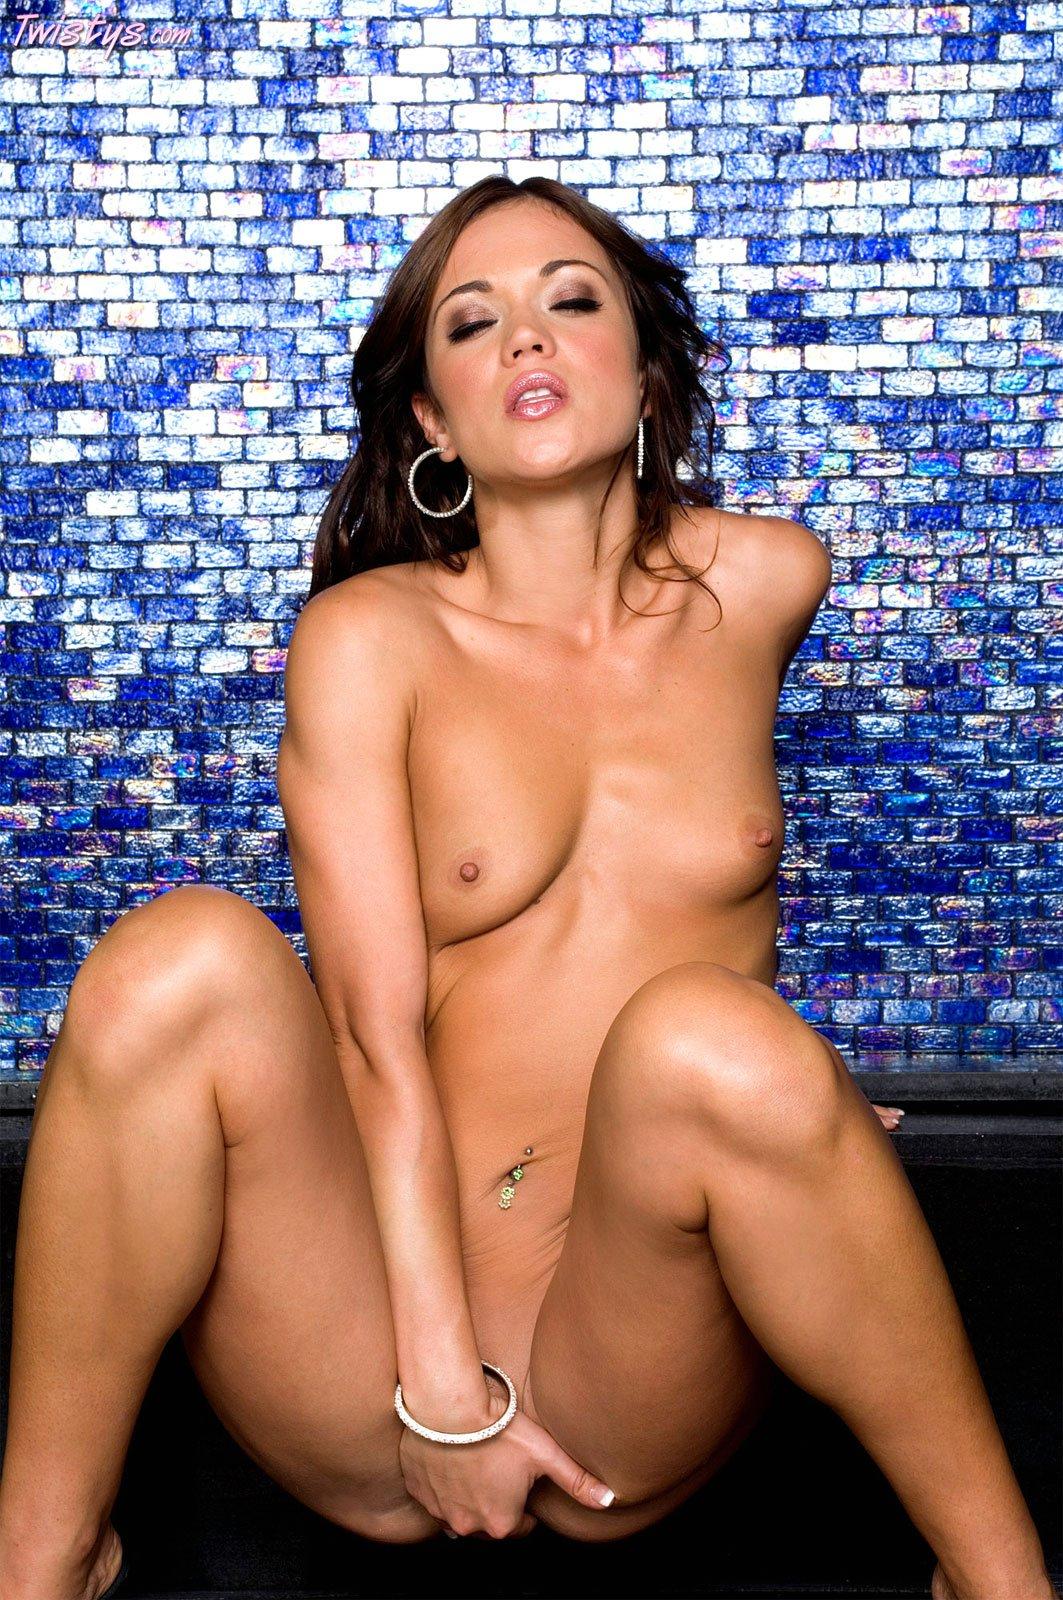 Gamerqueen chaturbate nude cam porn photo